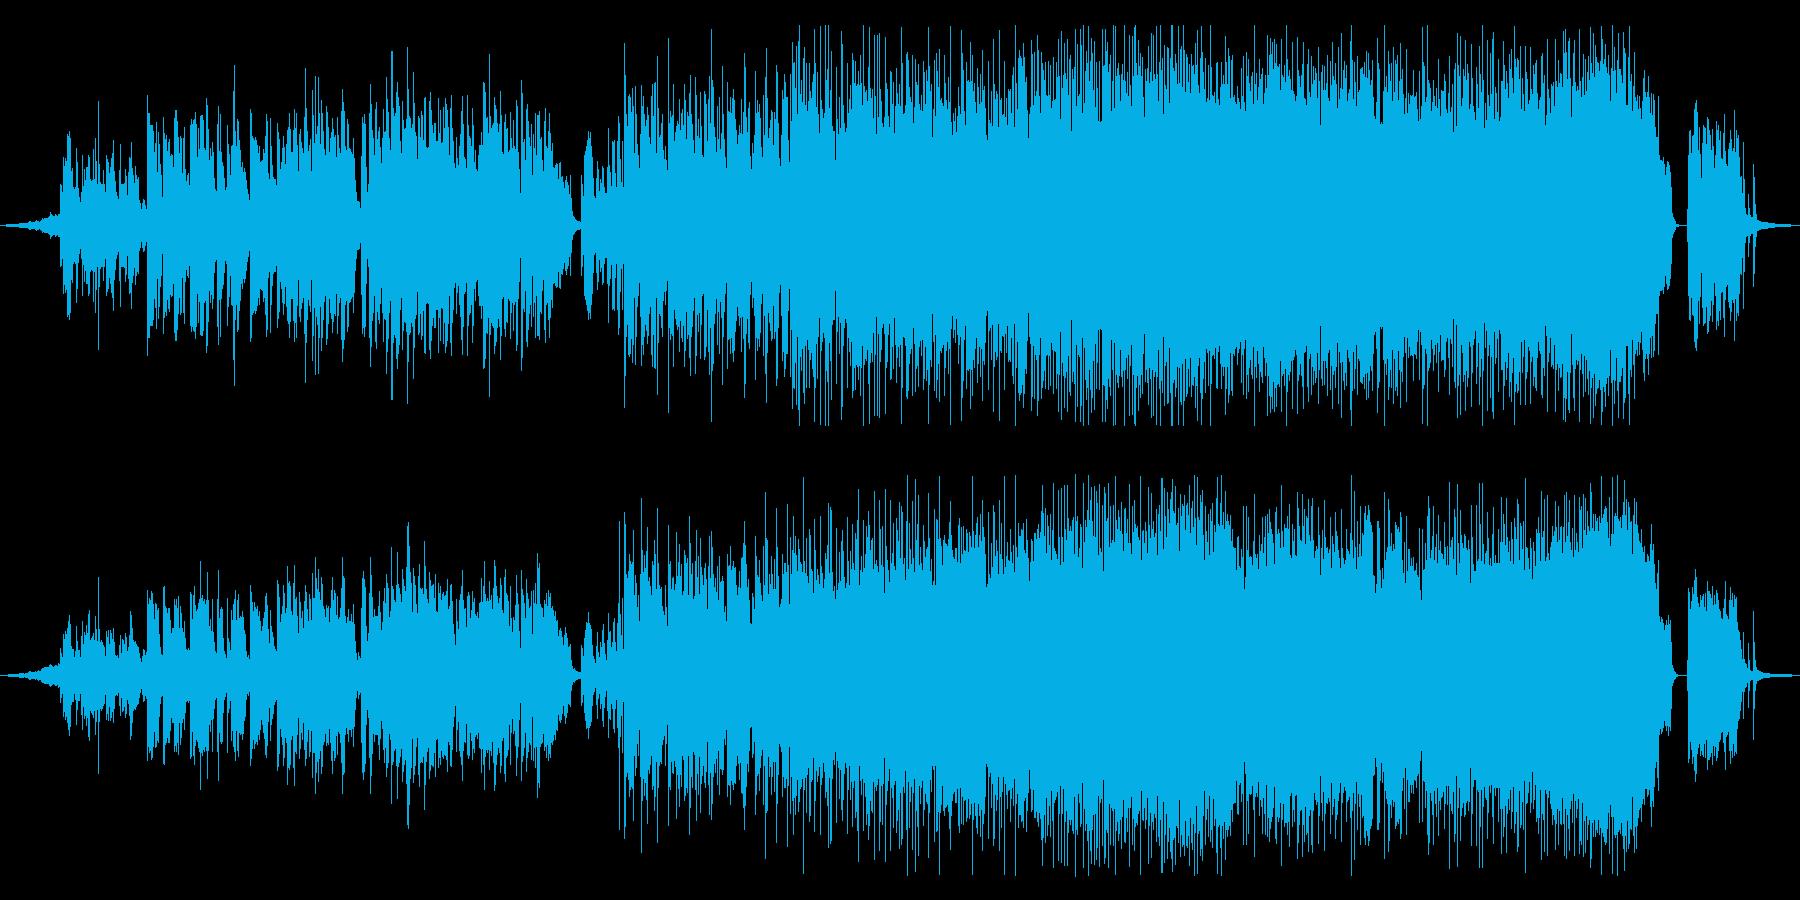 女性ボーカルの定番的ロックバラードの再生済みの波形